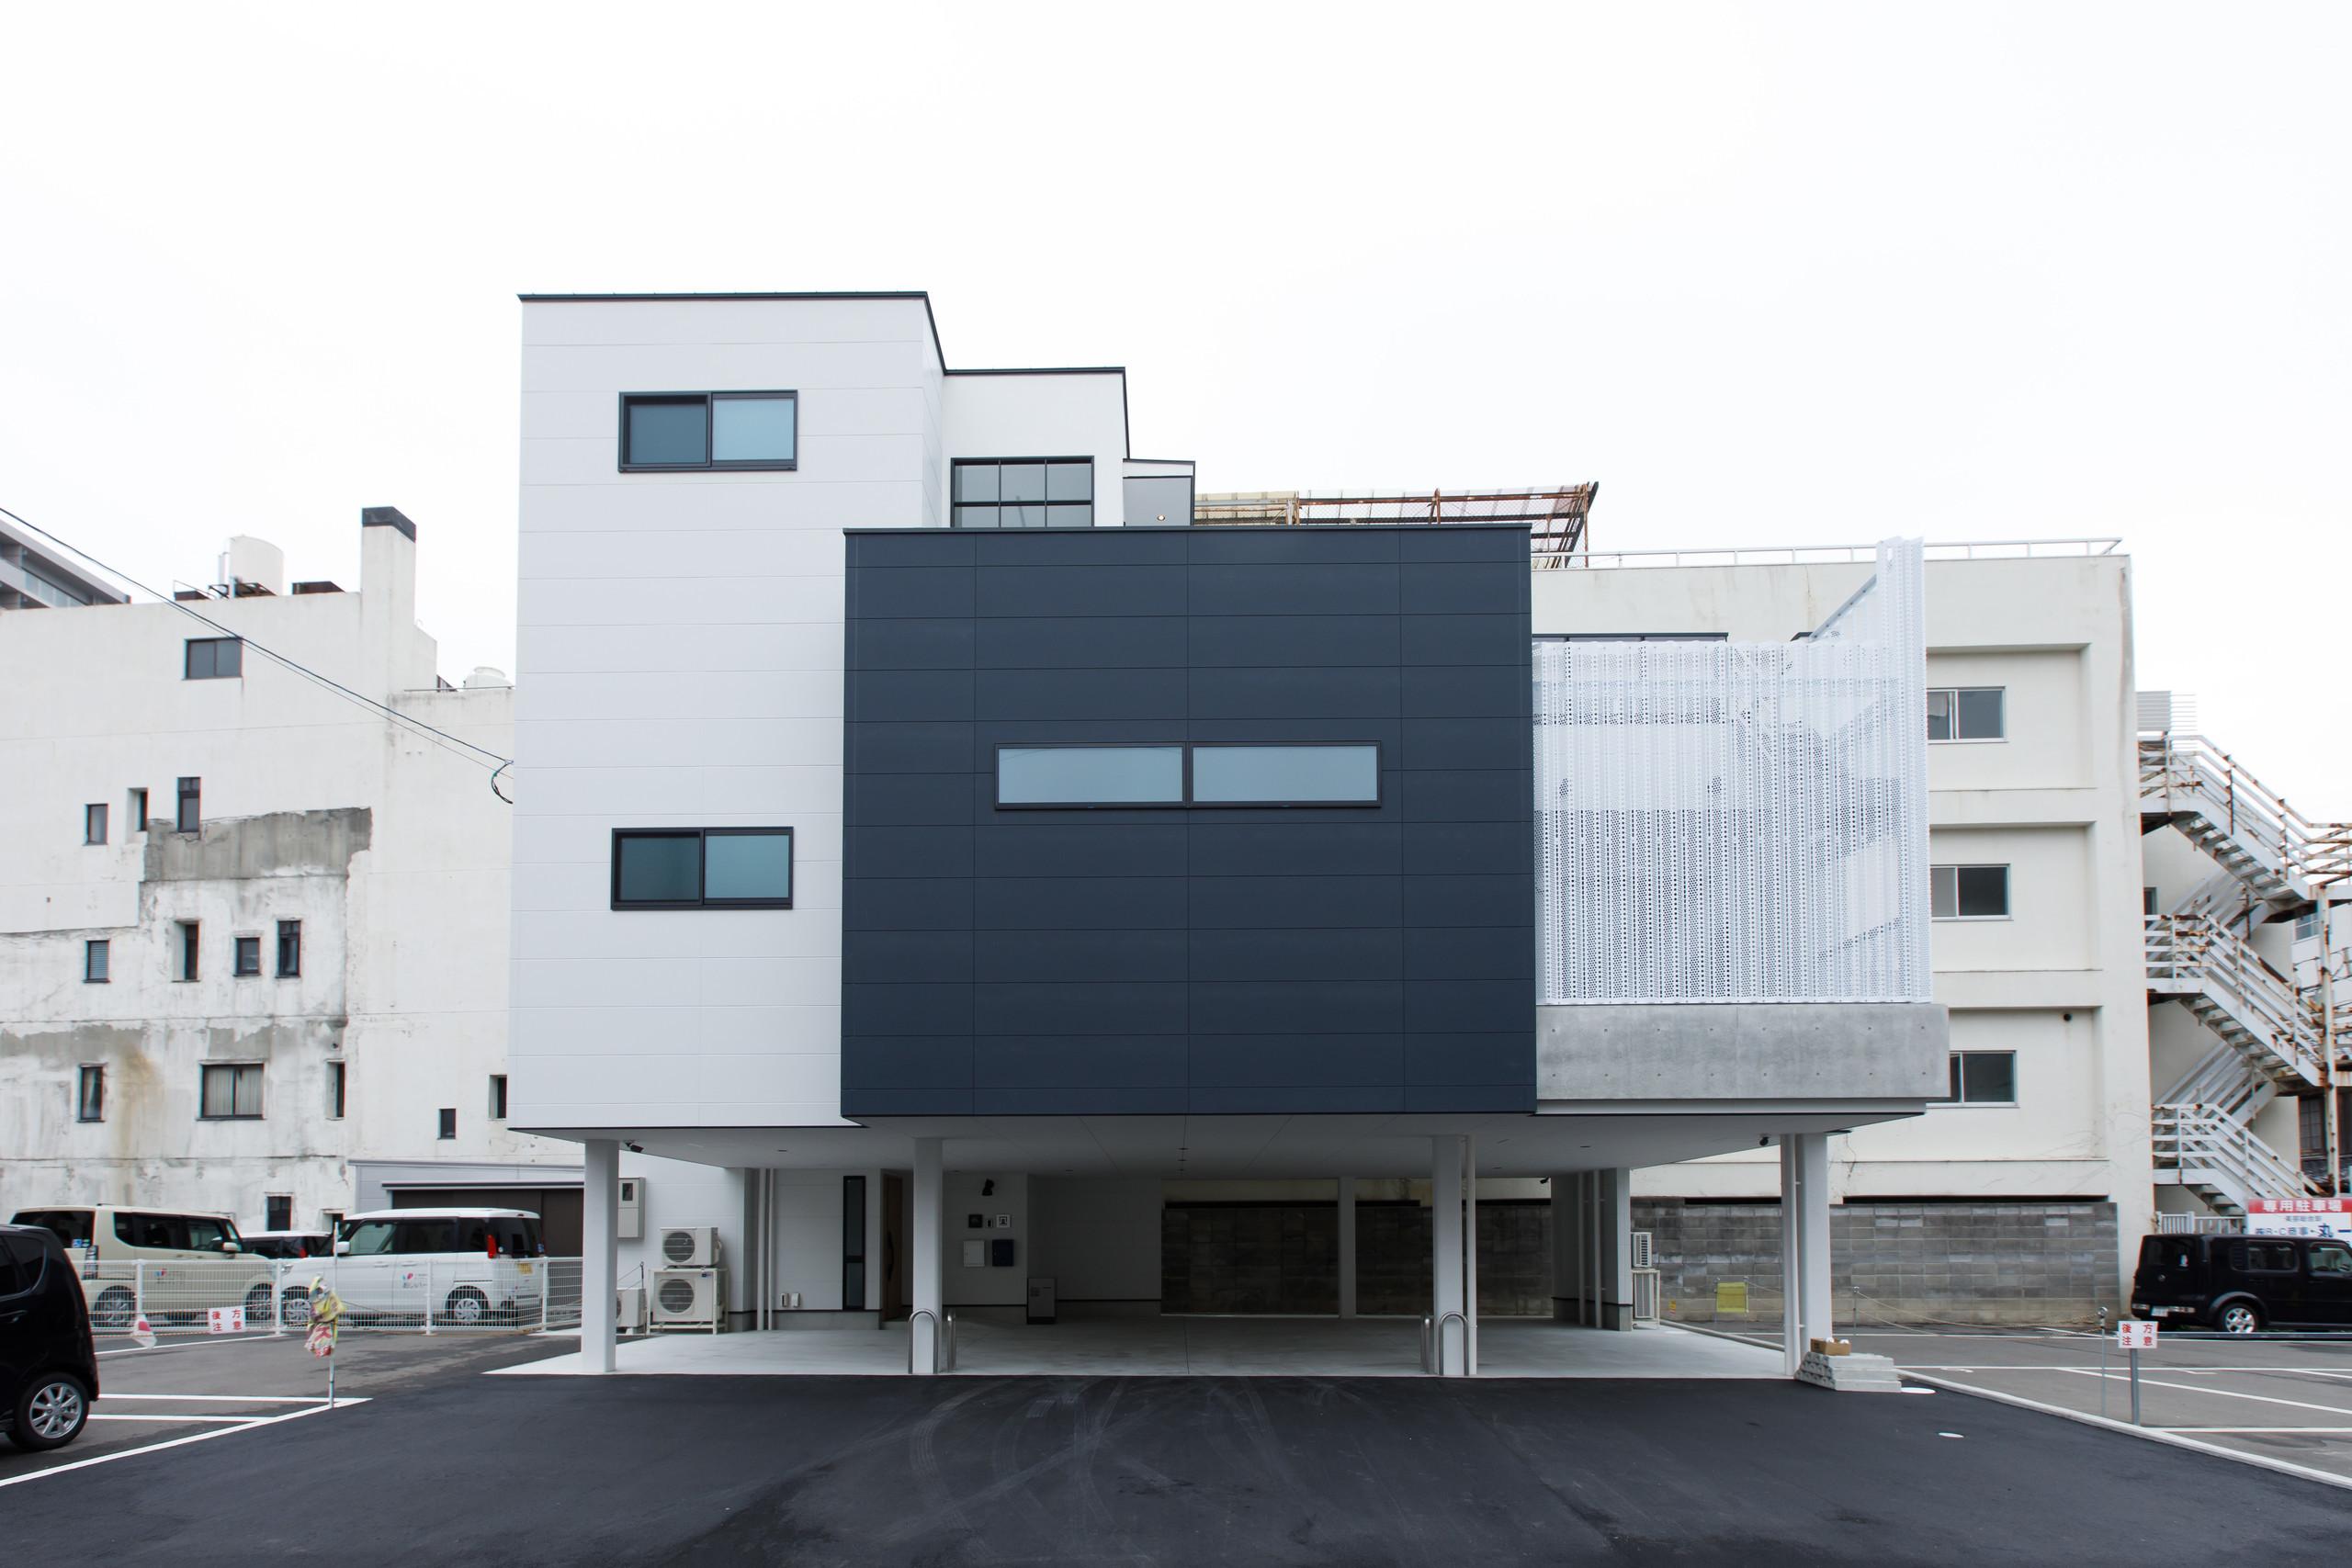 耐久性、耐震性に優れた重量鉄骨造3階建てで構成。プライバシーに配慮した、街中でゆったり快適に過ごせる住まい。 | 屋上テラスとピロティで、快適さと強さを両立した家